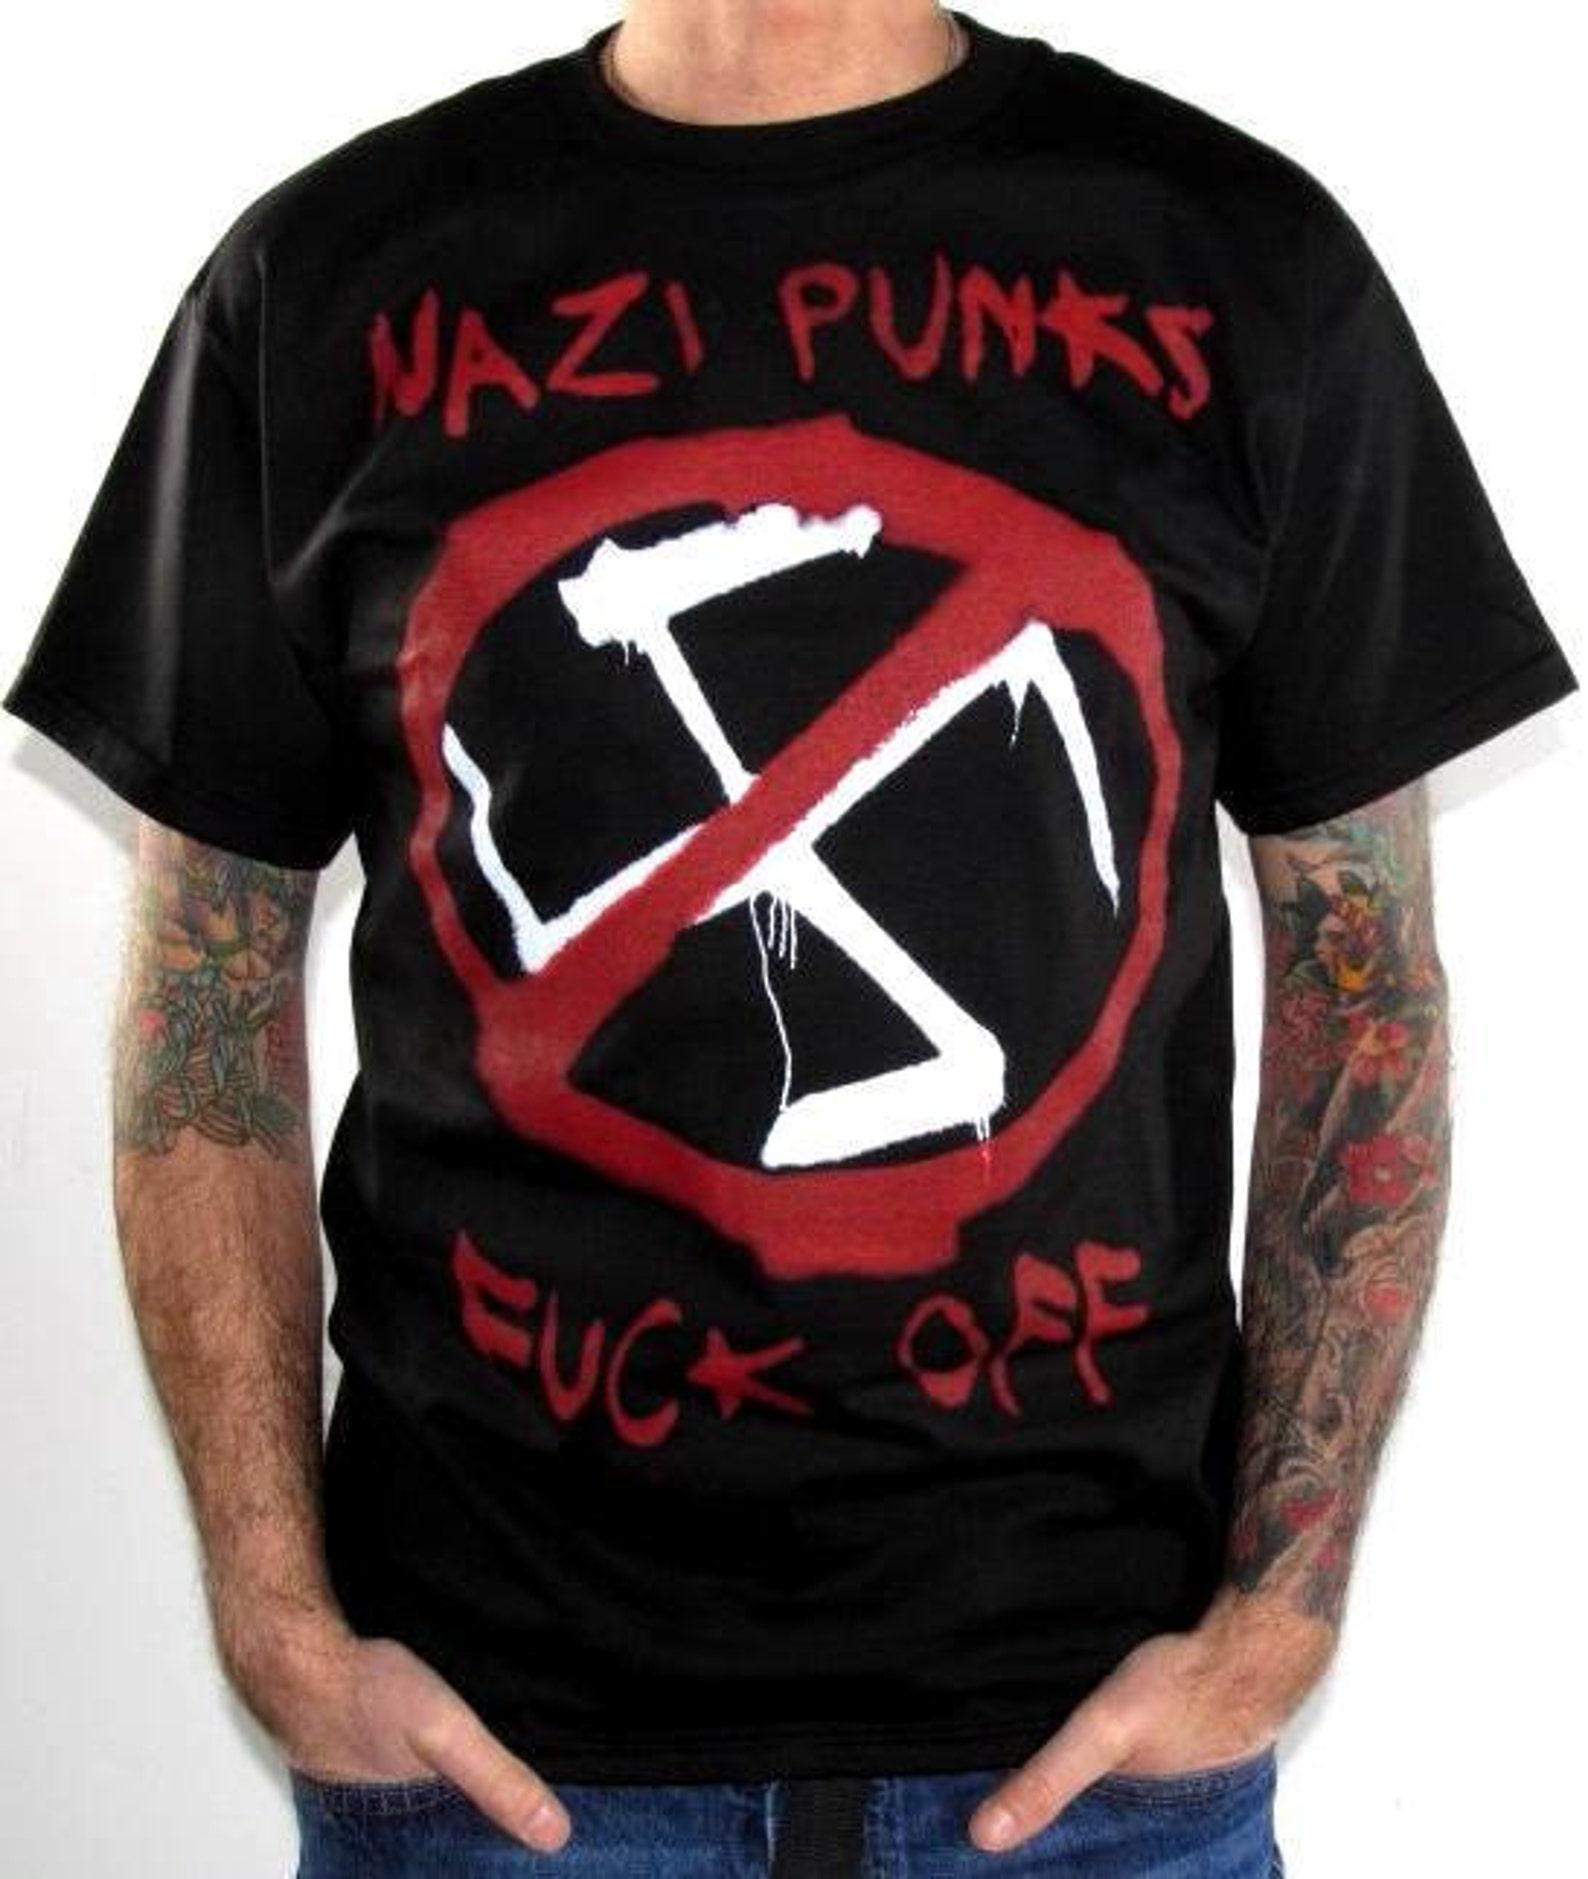 Dead kennedys nazi punks fuck off